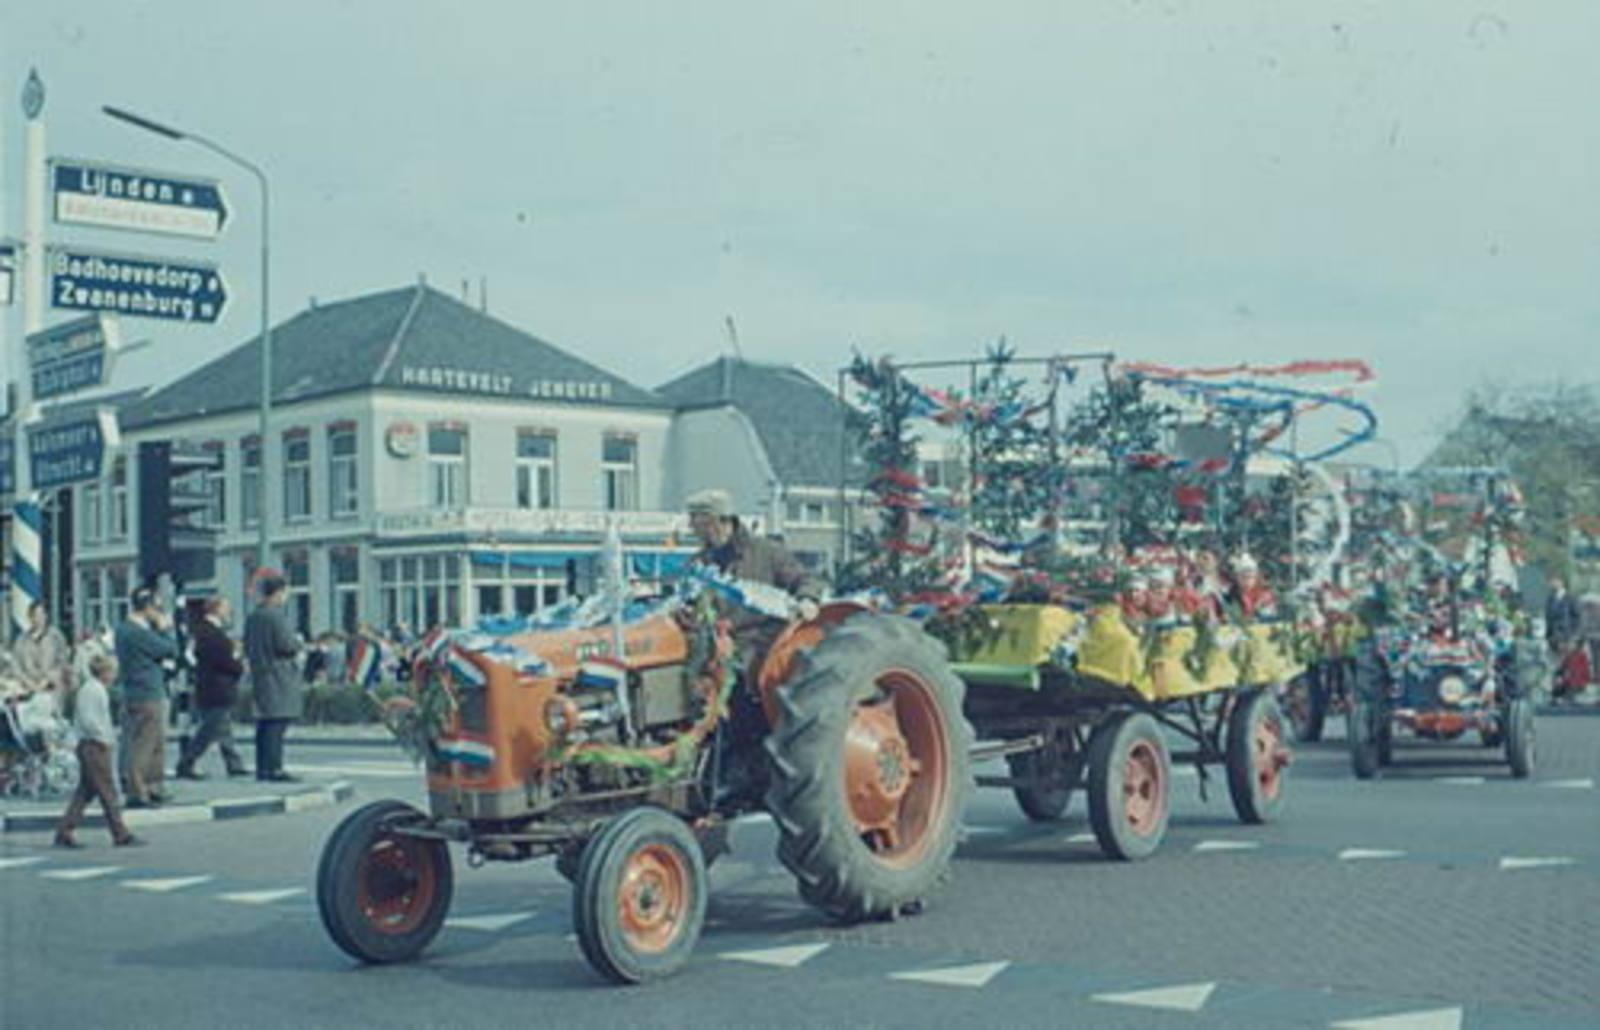 Hoofddorp Koninginnedag 1967± Optocht met Fiat tractor bij de Beurs